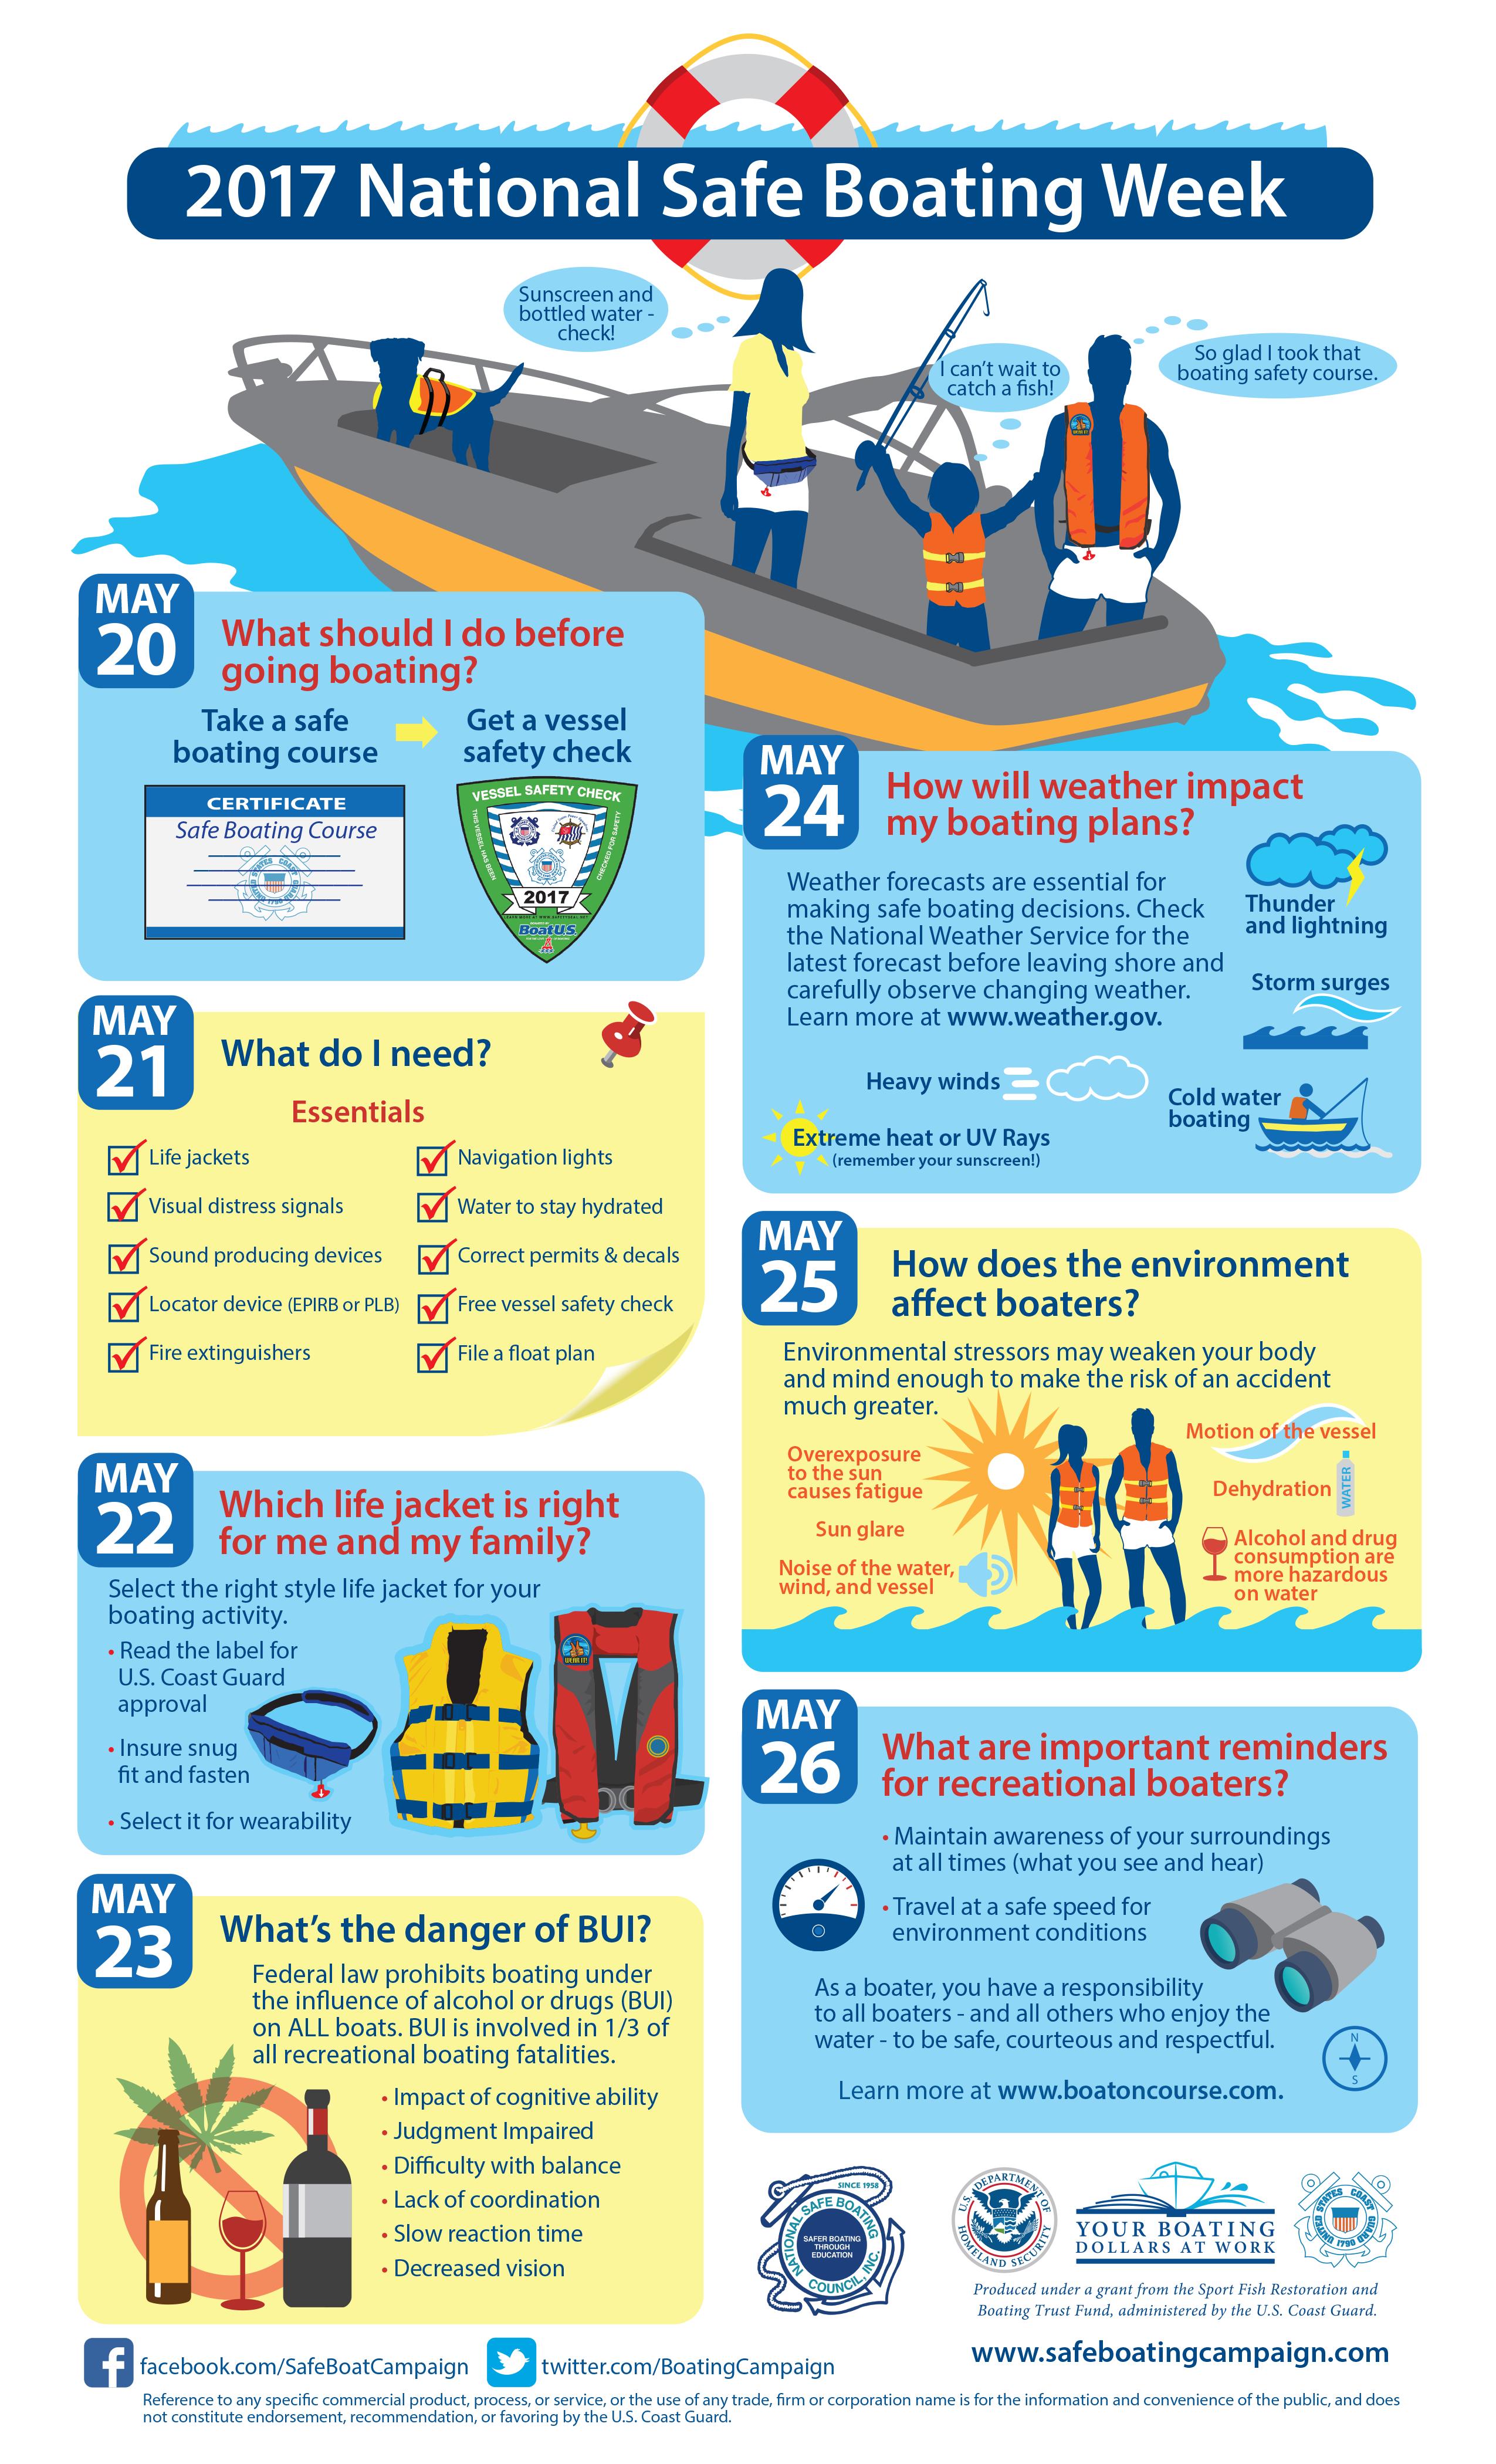 Boating Safety Tips For National Safe Boating Week